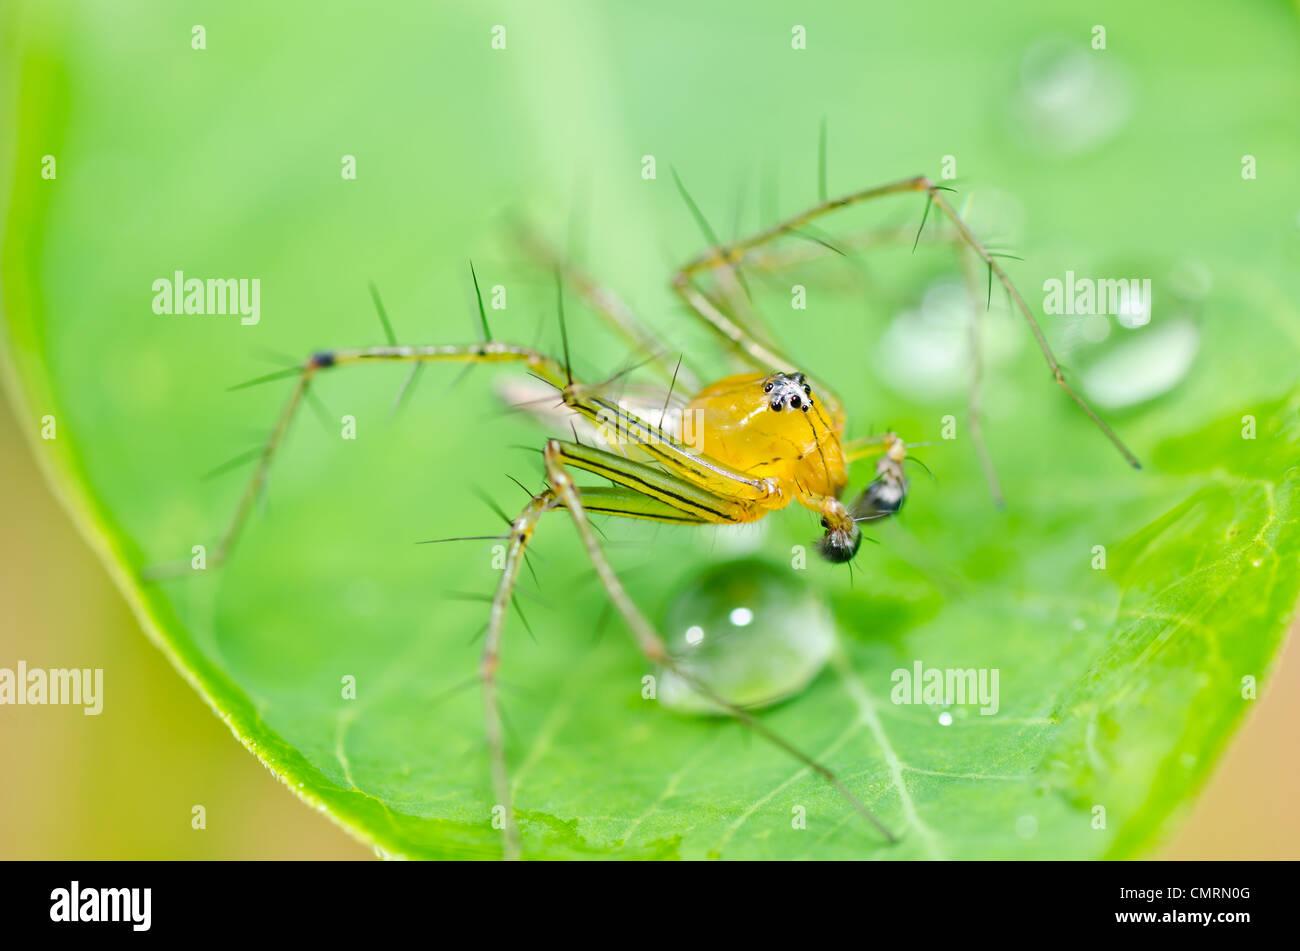 De longues jambes spider et gouttes d'eau dans la nature verte ou le jardin Photo Stock